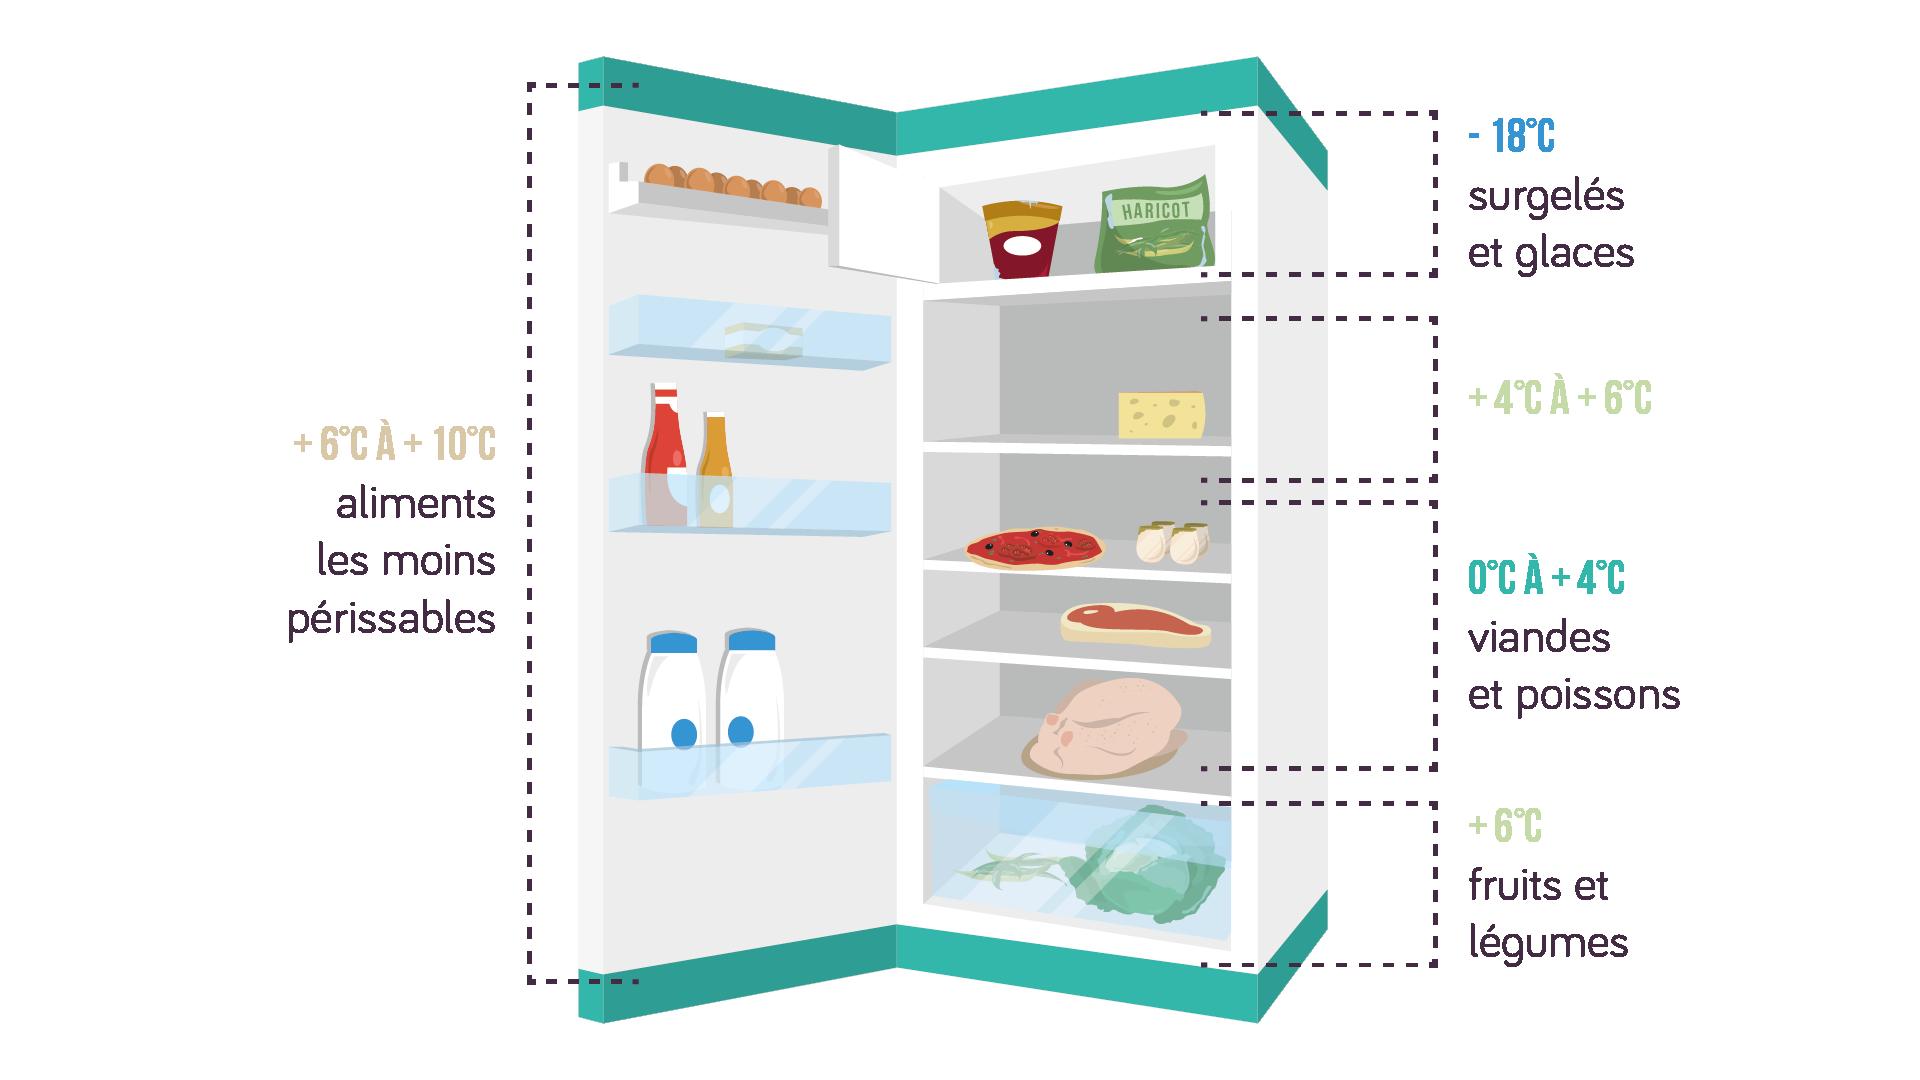 la conservation des aliments fiche de cours sciences schoolmouv. Black Bedroom Furniture Sets. Home Design Ideas